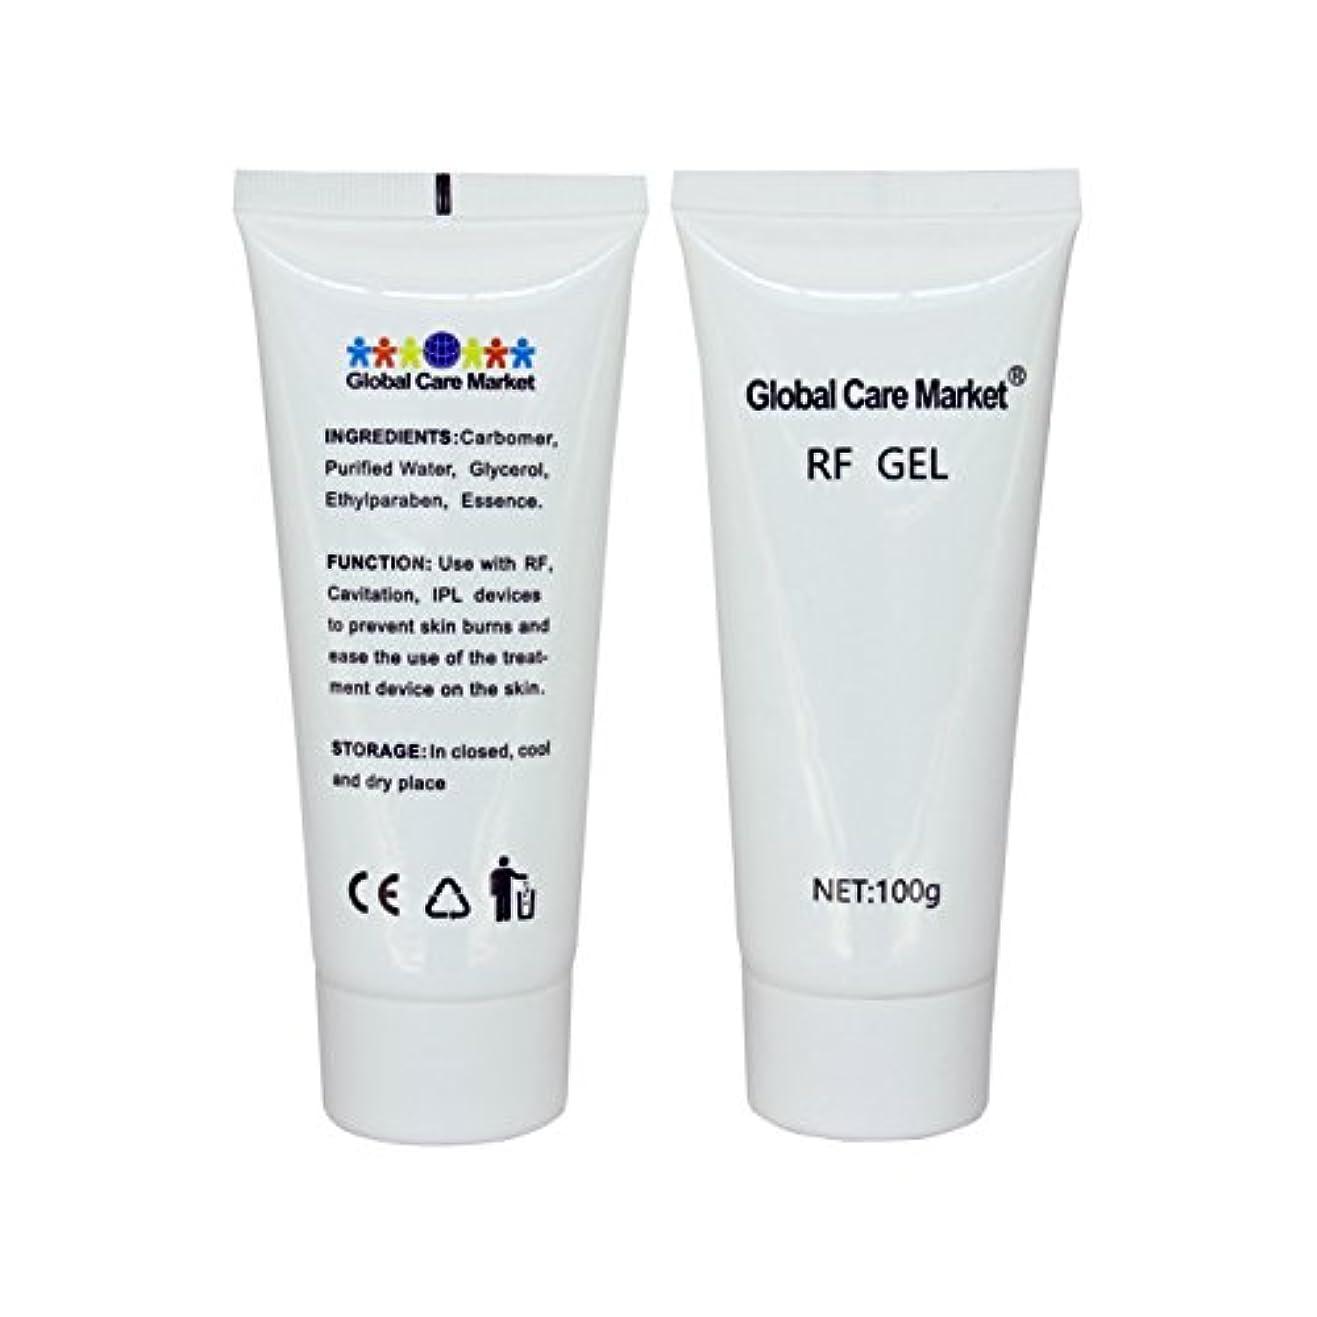 綺麗な戦い知覚的RF GEL(2 Pack) - 高周波治療装置に使用する皮膚冷却および潤滑です